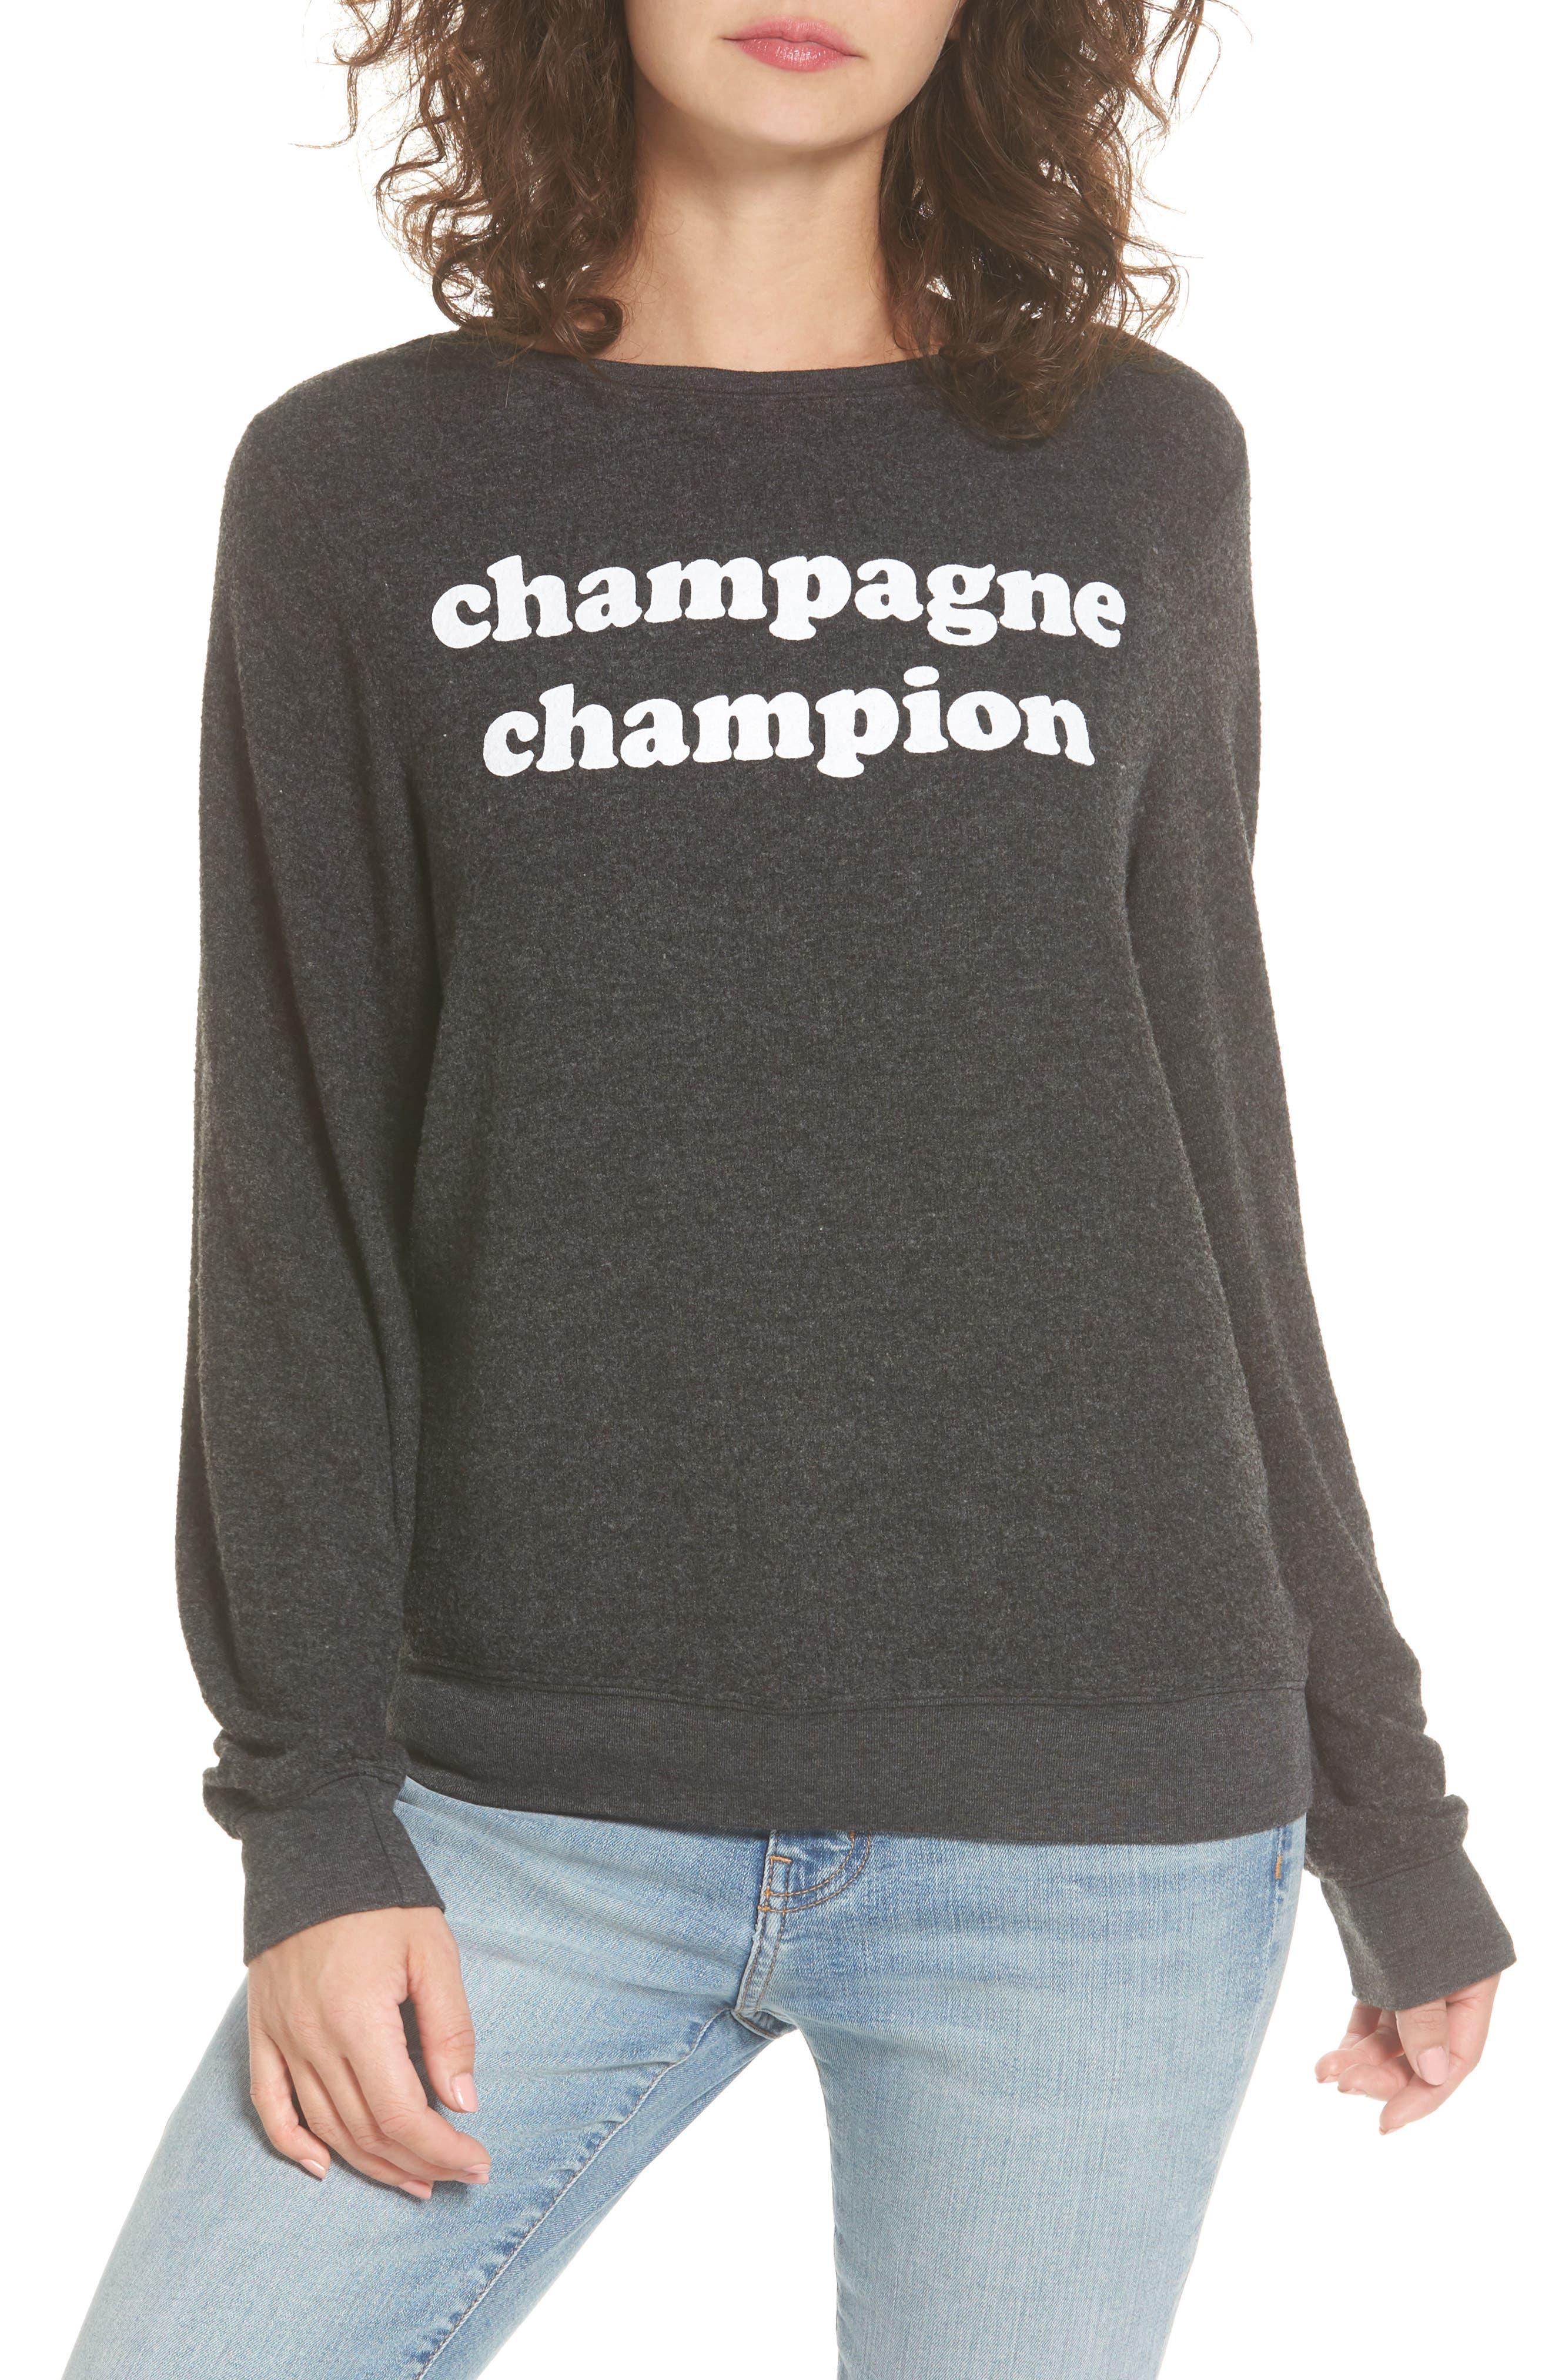 Champagne Champion Sweatshirt,                         Main,                         color, 001